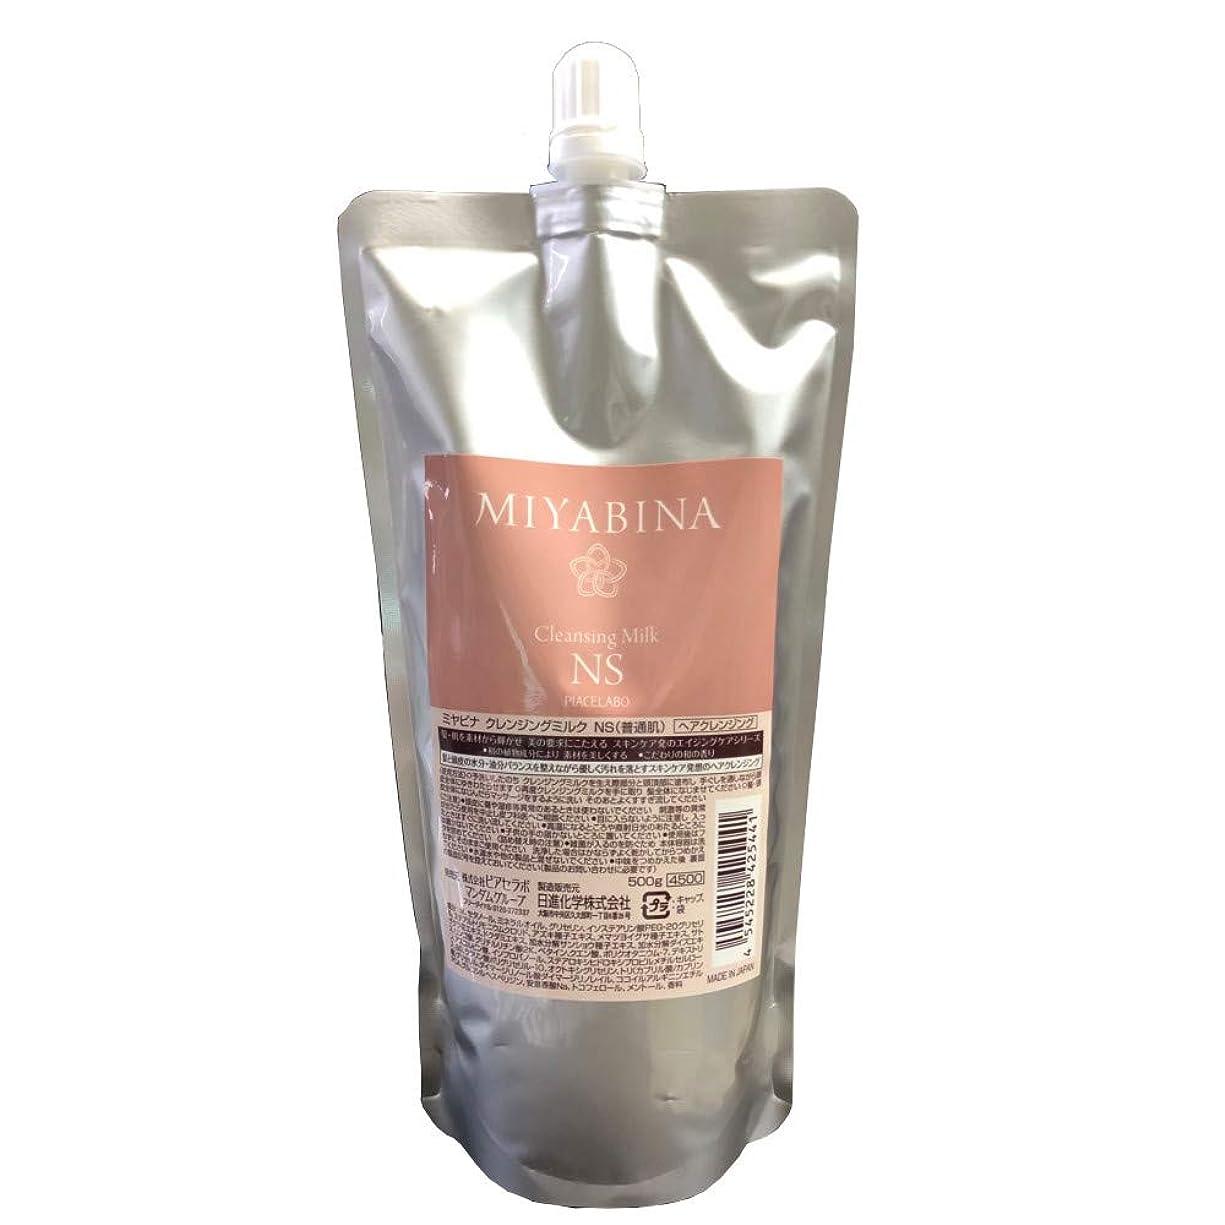 役員病気のうれしいミヤビナ クレンジングミルク NS(普通肌) 500g レフィル(詰め替え)